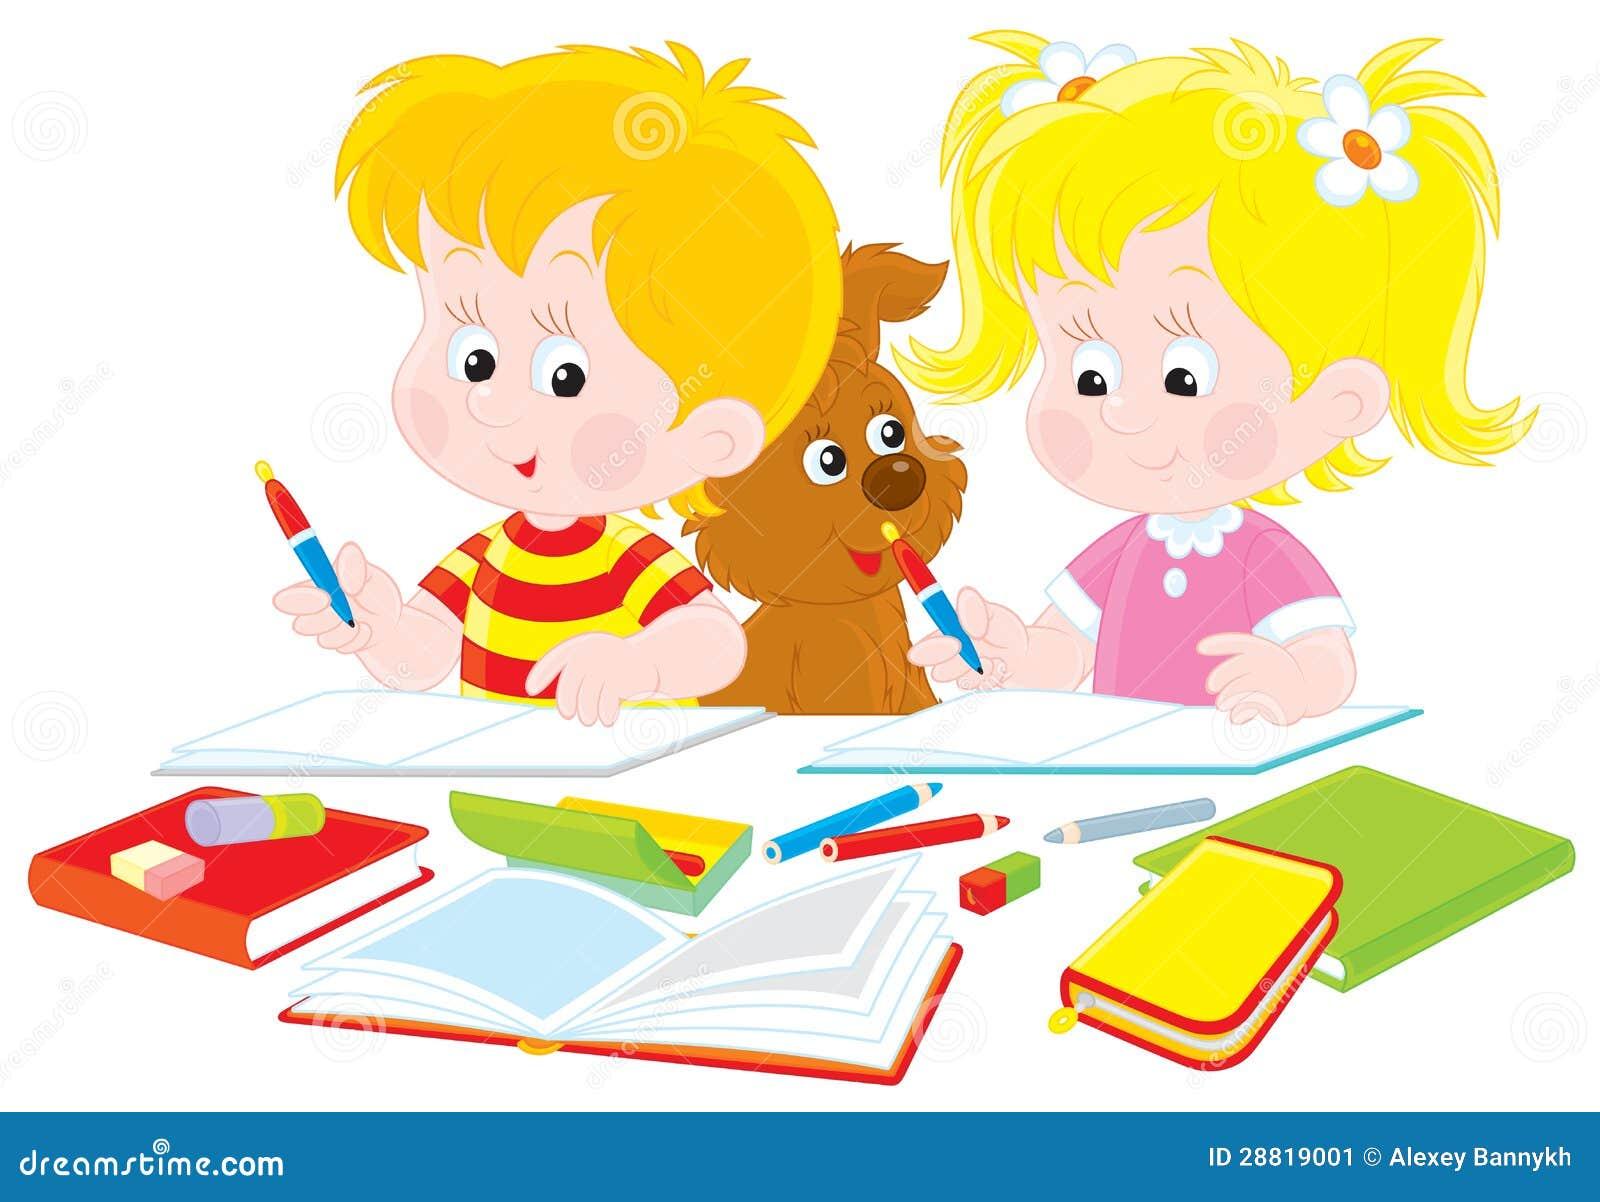 Kinder Tun Hausarbeit Vektor Abbildung Illustration Von Schulkinder